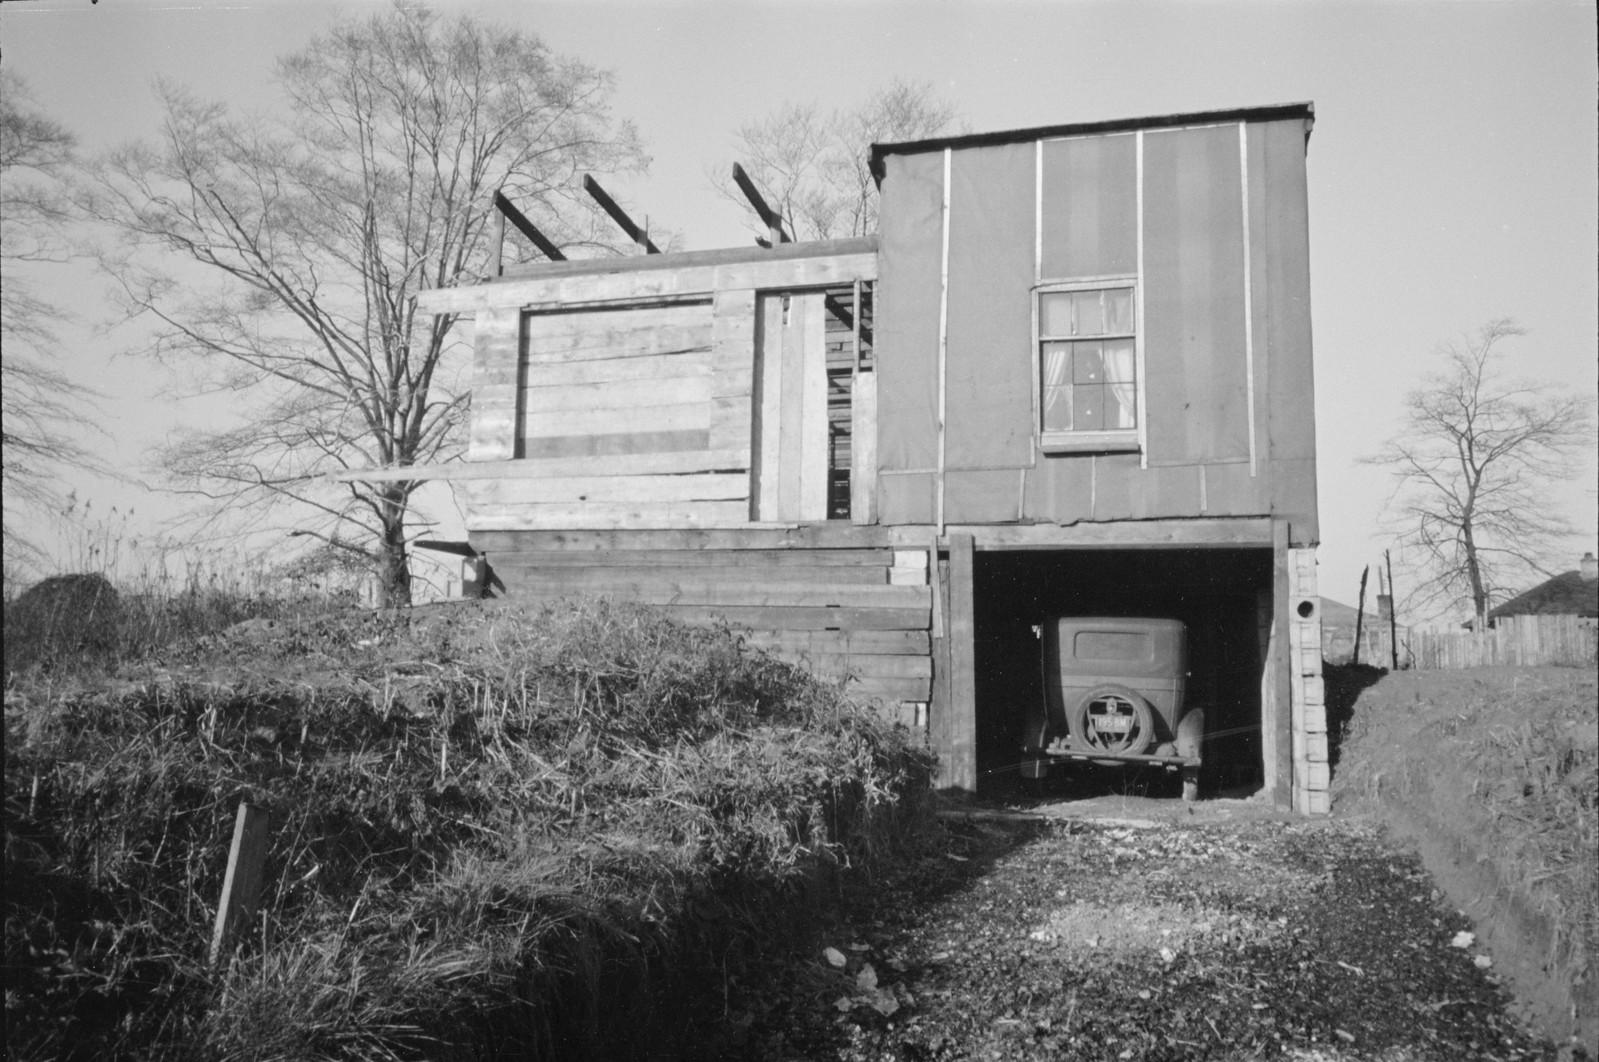 03. Дешевые частично построенные дома без воды и канализации, Локленд, Огайо.